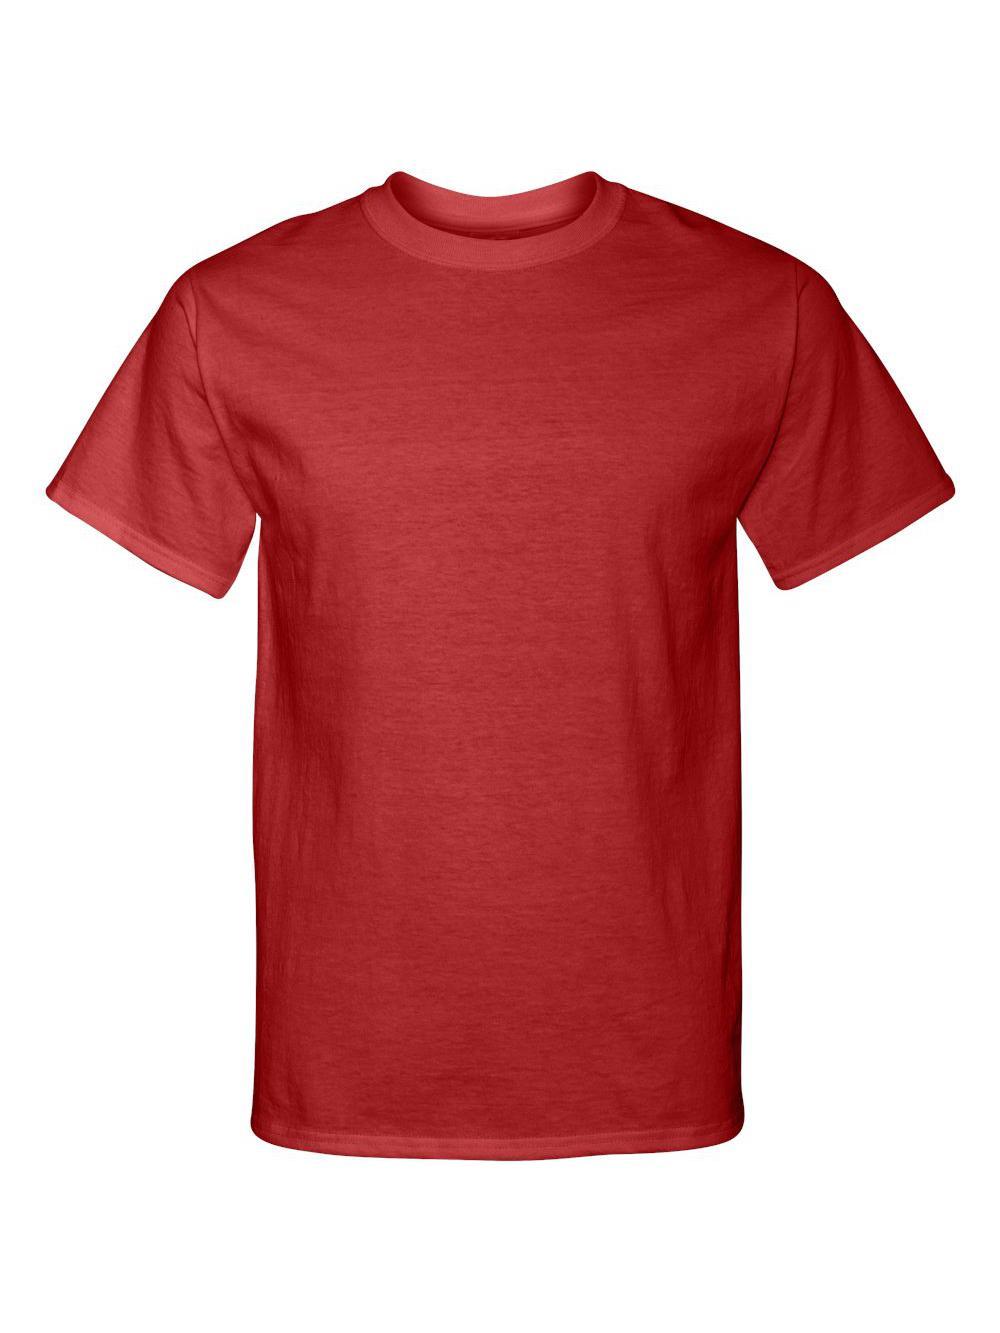 Jerzees-Dri-Power-Tall-50-50-T-Shirt-29MT thumbnail 21